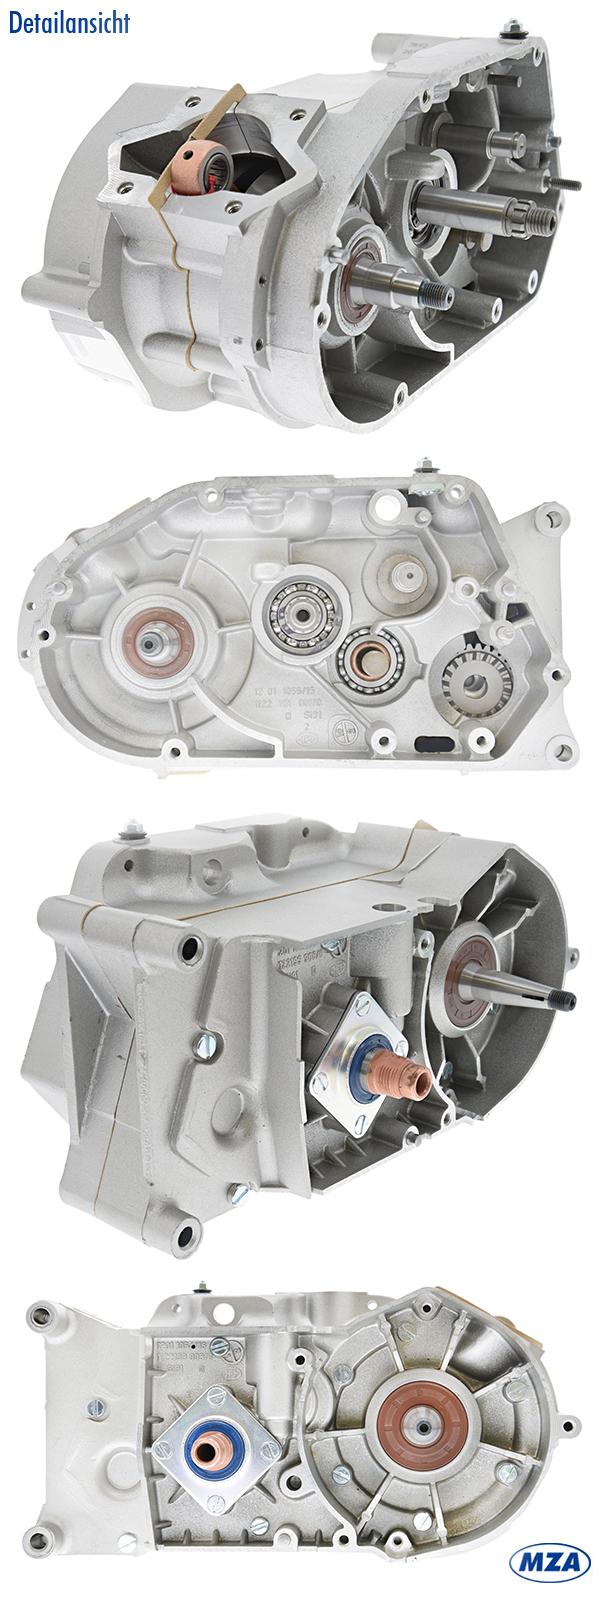 Detailbild_Rumpfmotor